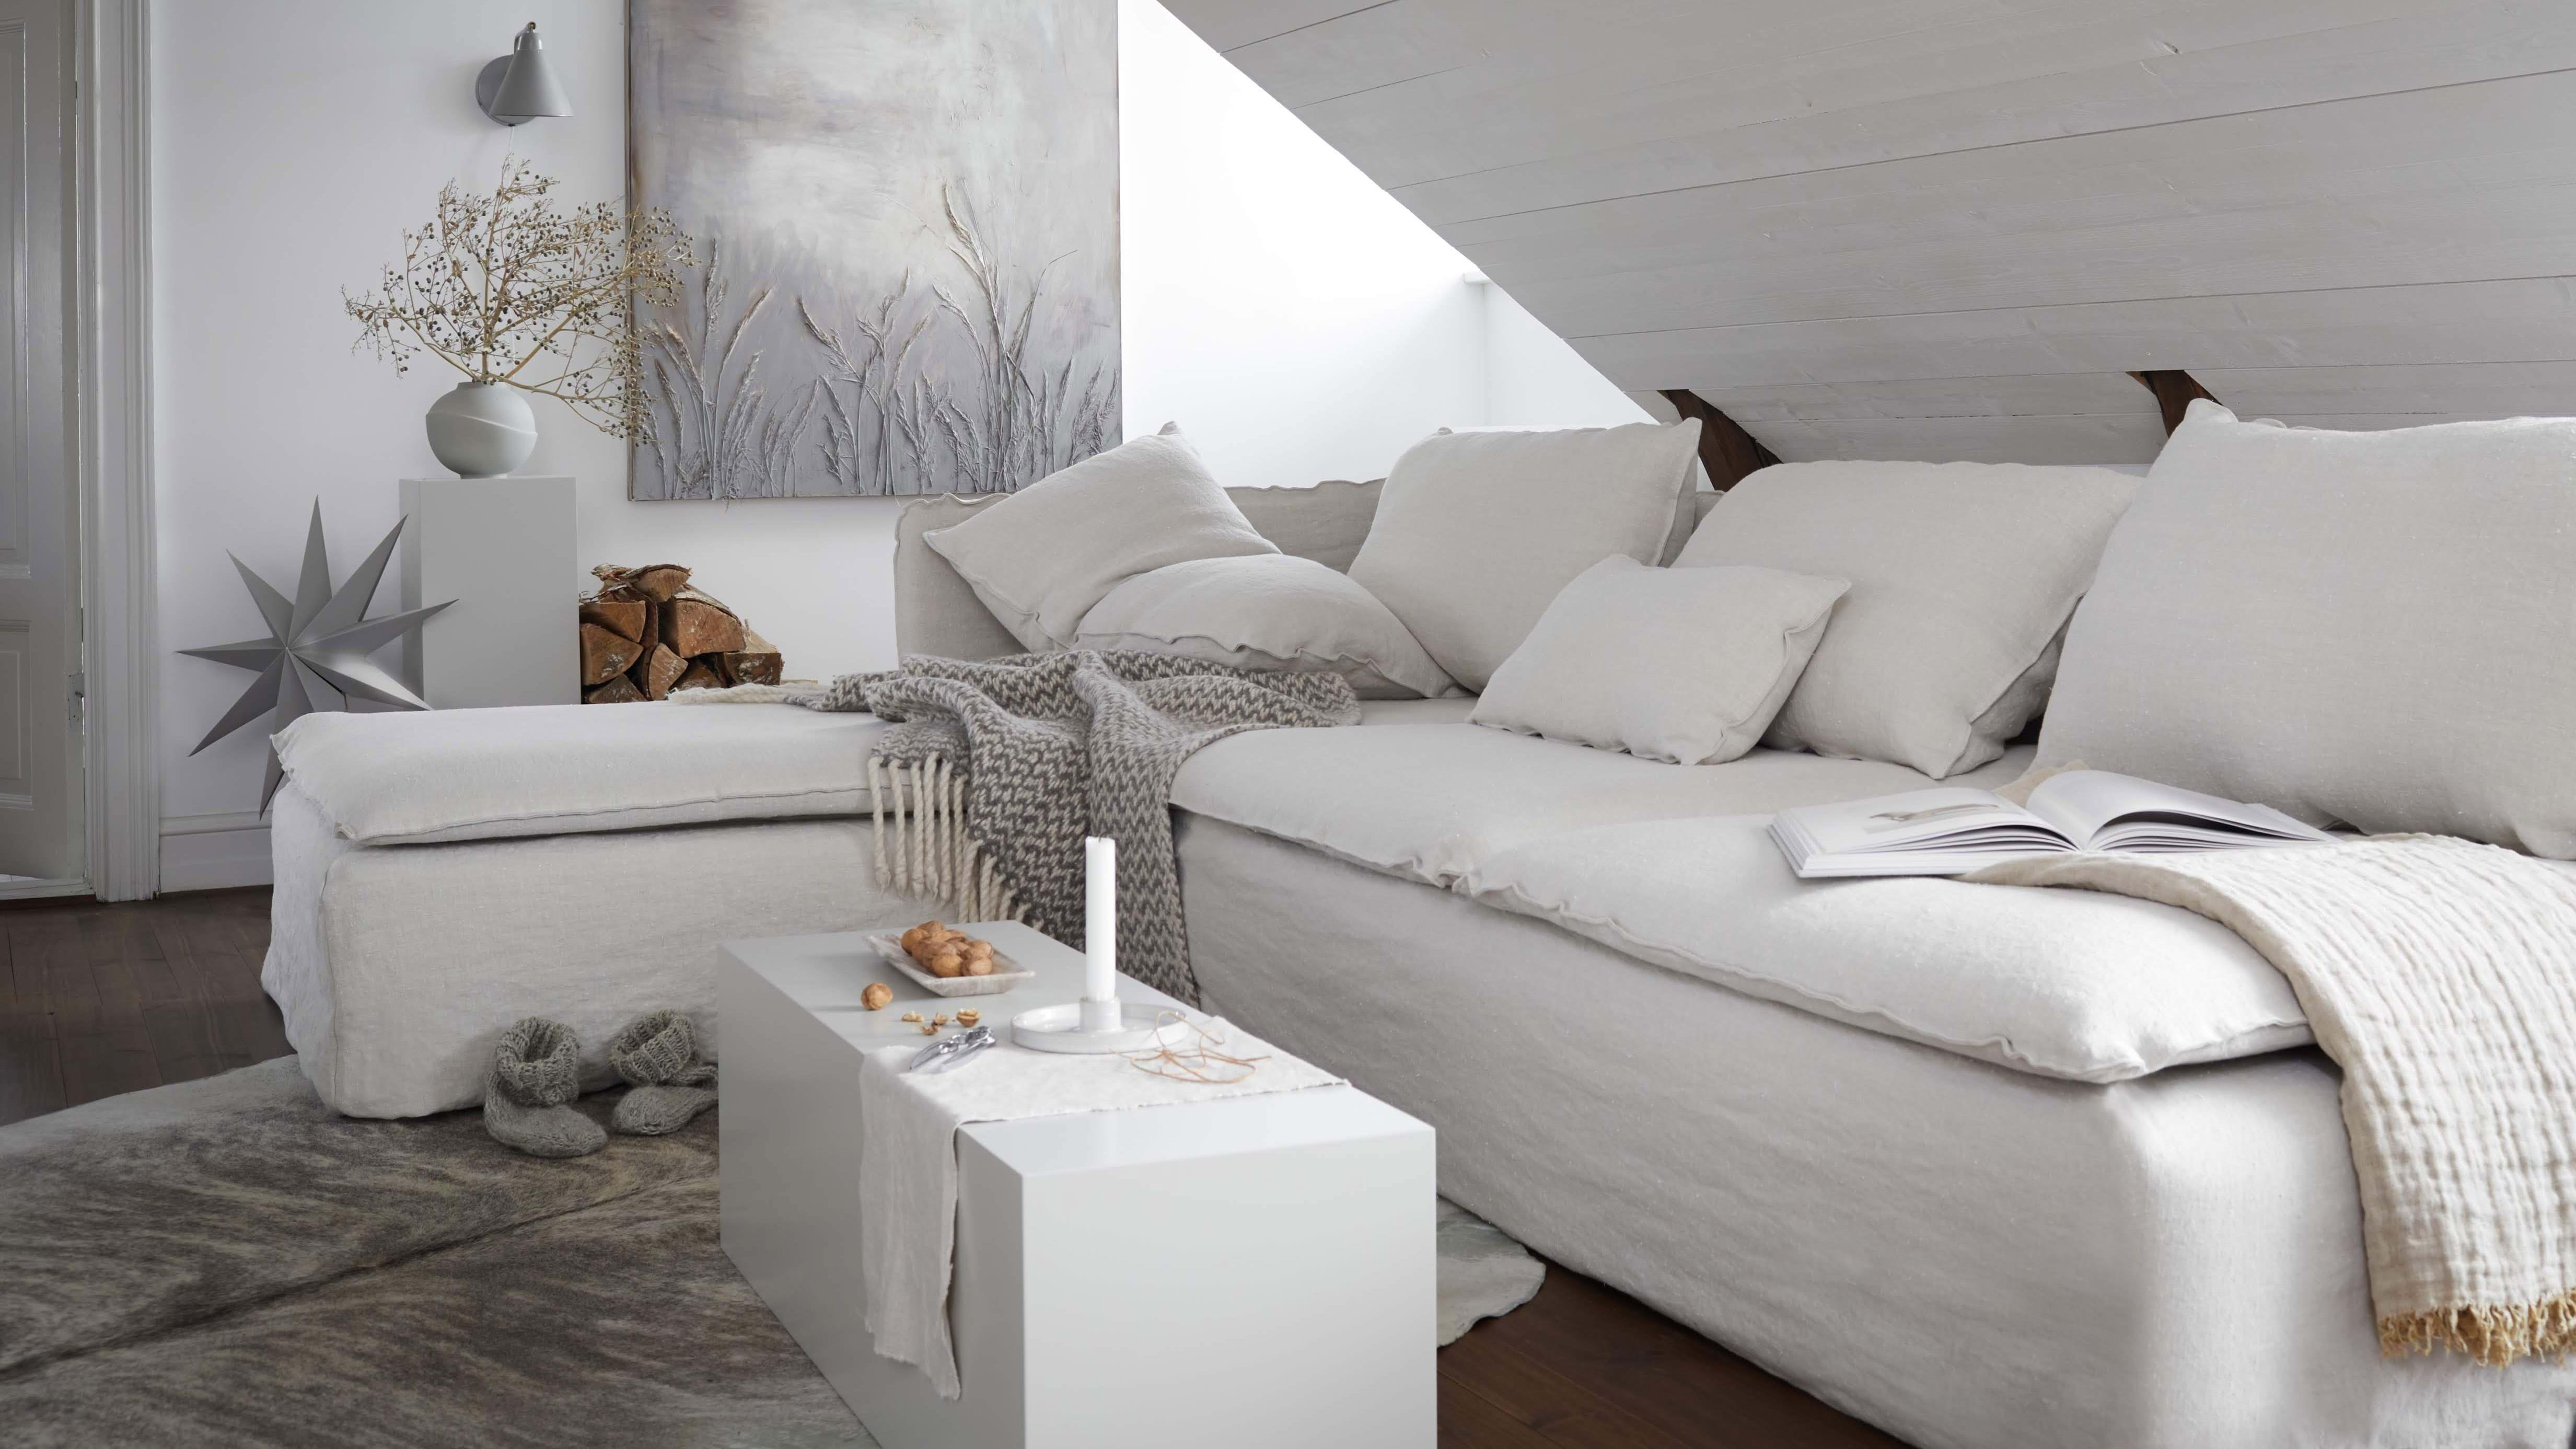 Living Room Decor Ideas By Bemz Bemz